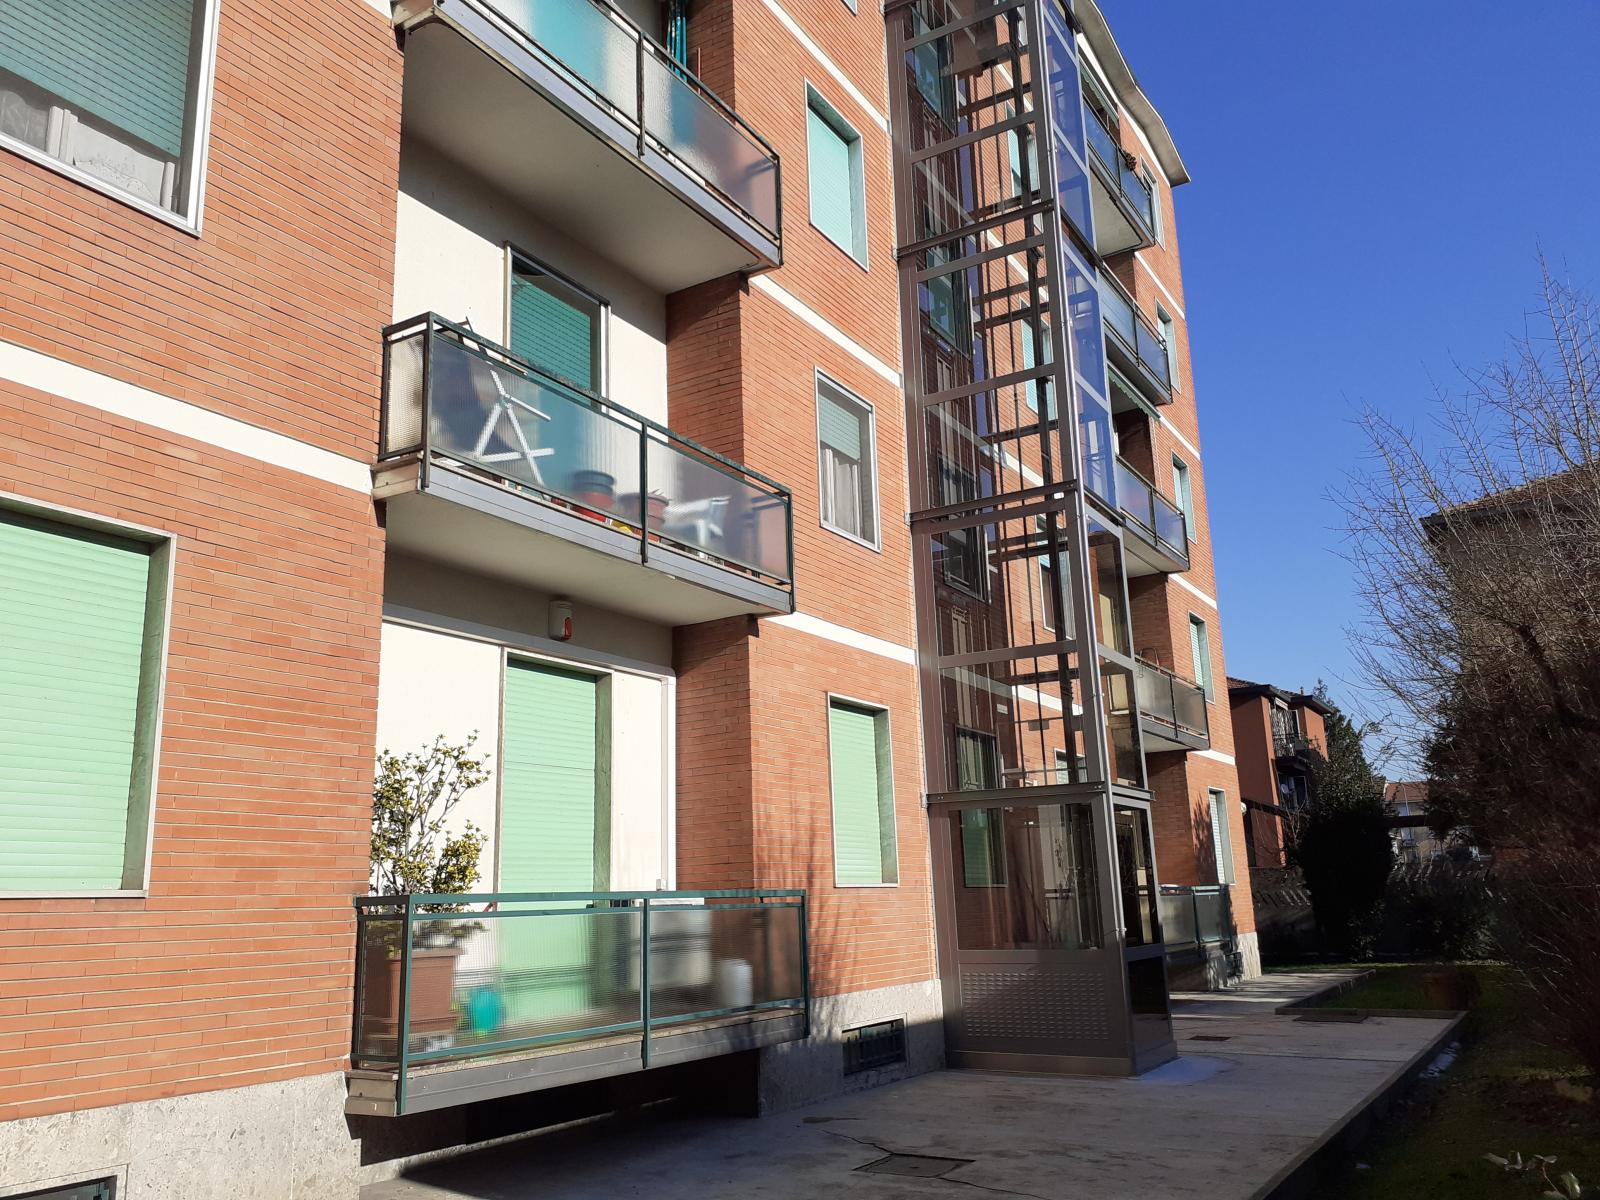 appartamento-in-vendita-a-milano-baggio-via-bagarotti-spaziourbano-immobiliare-vende-2-locali-04